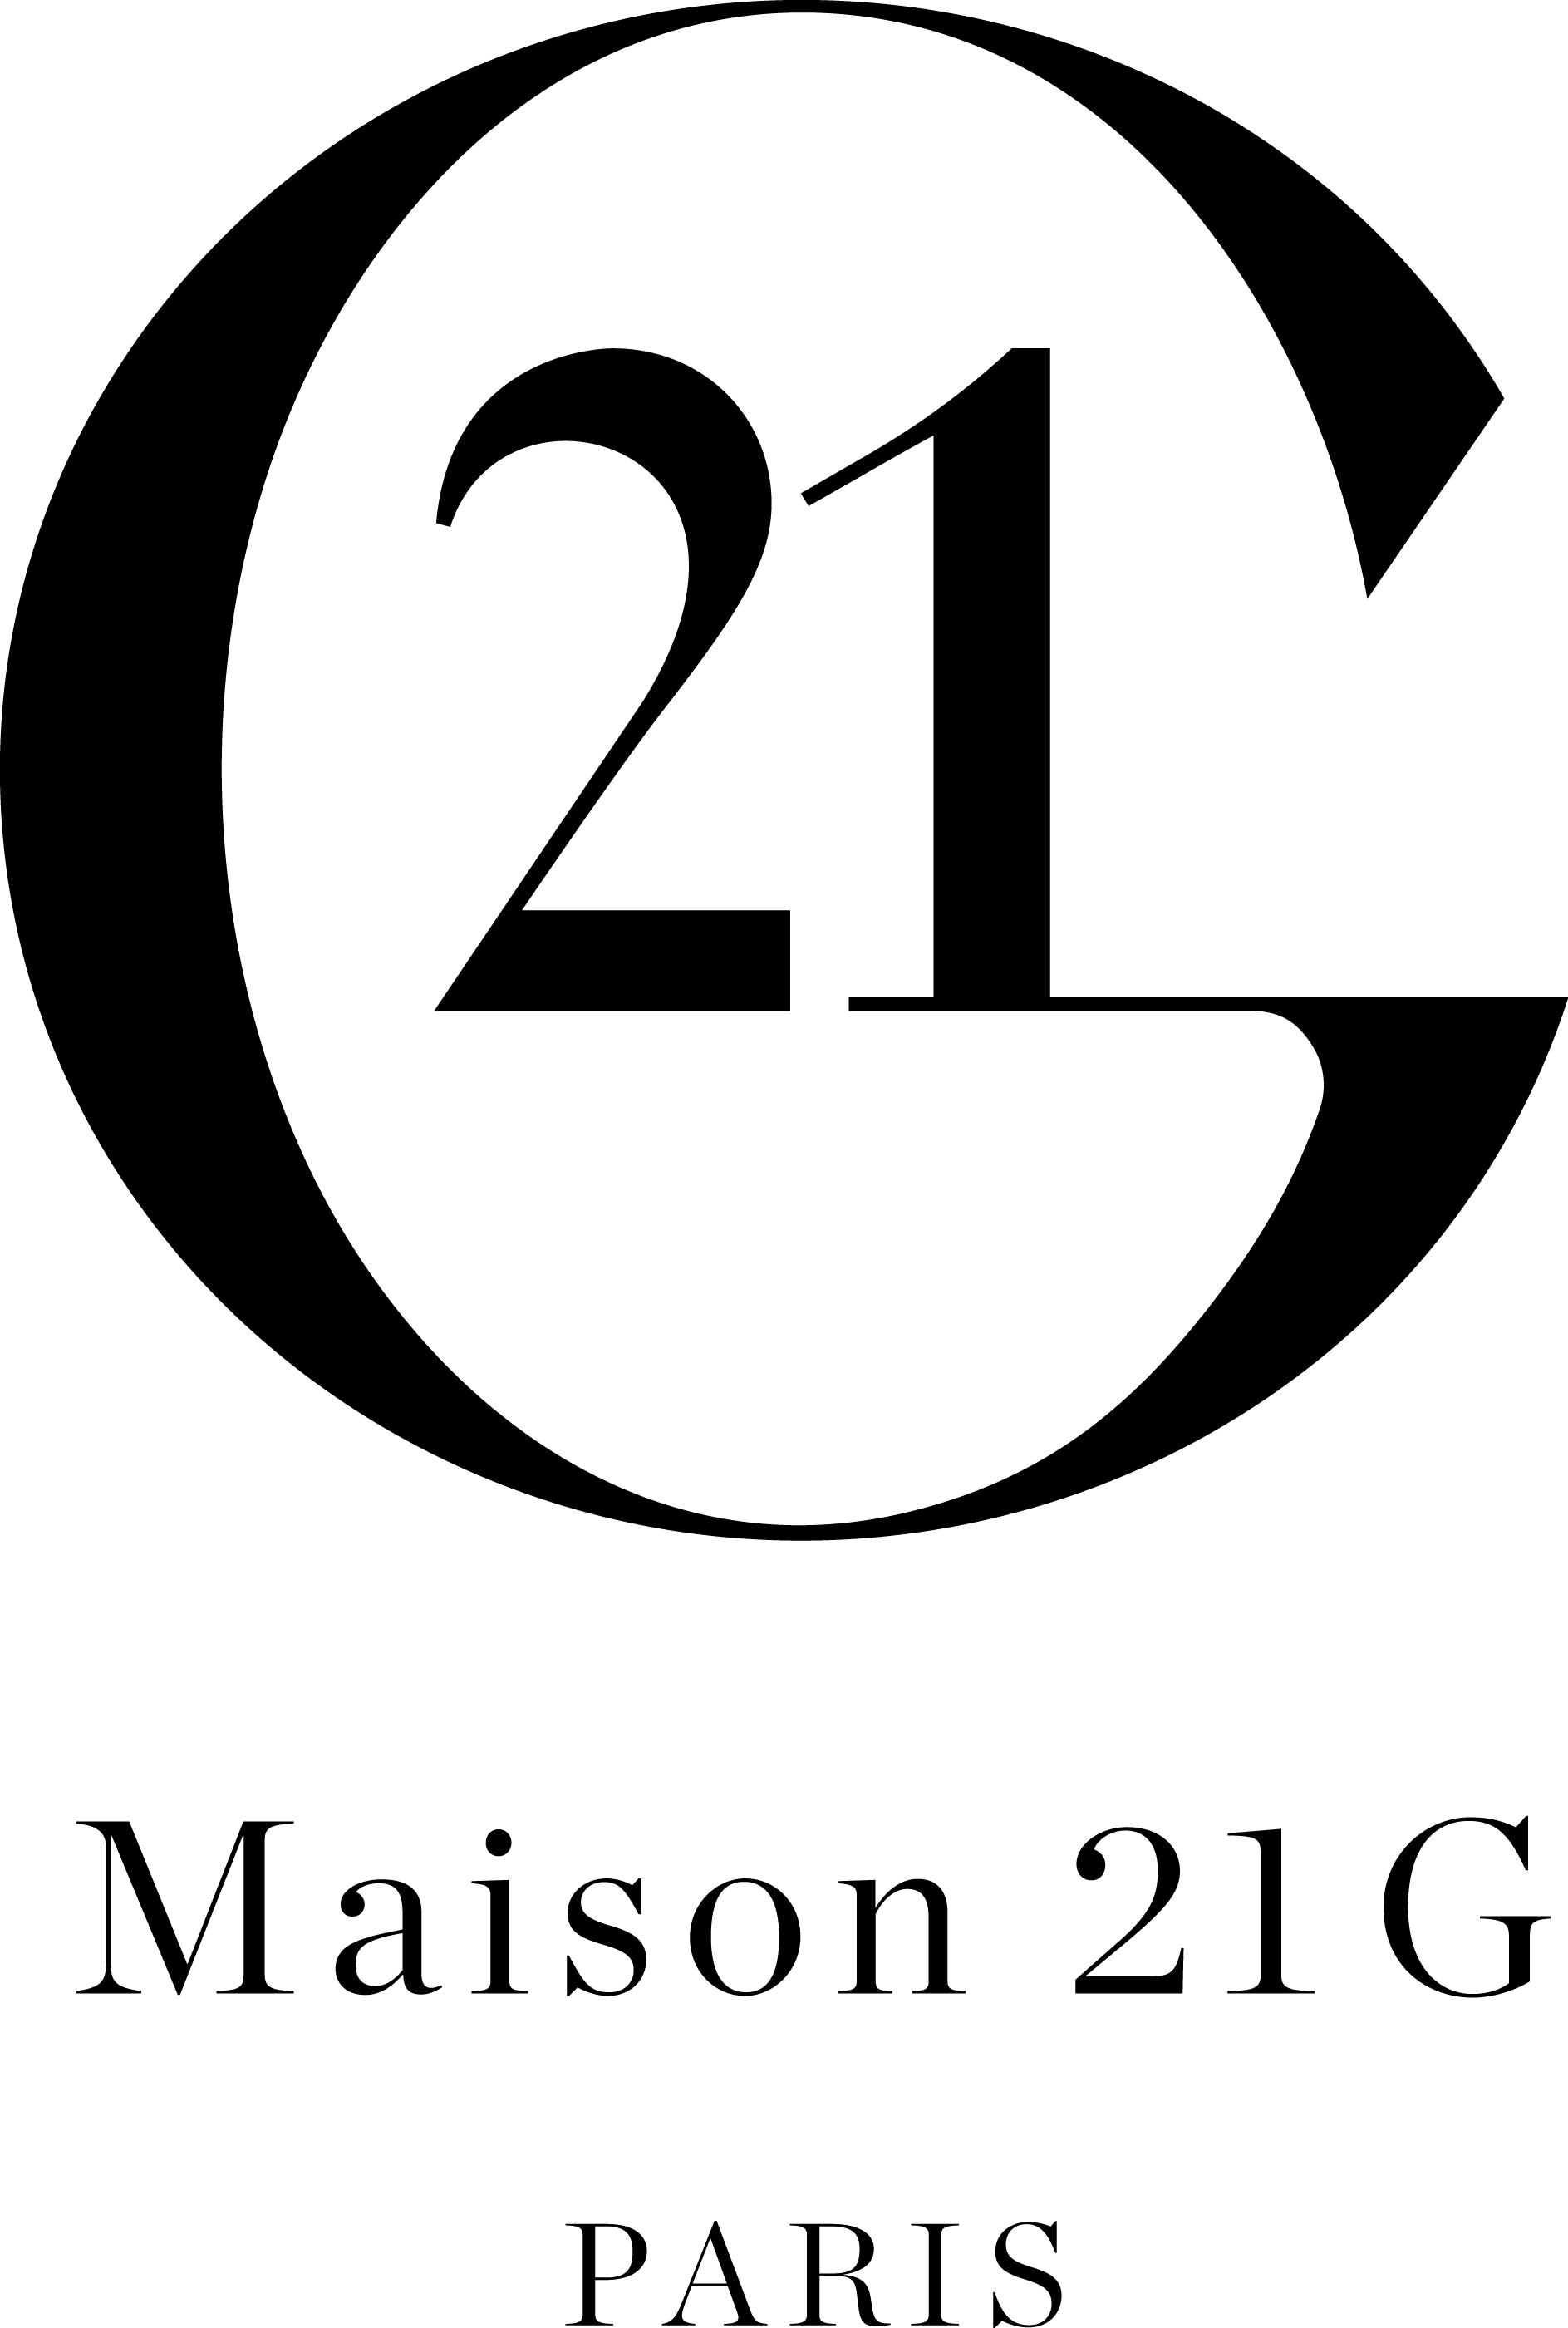 Copy Of Maison 21g Full Logo White Bg